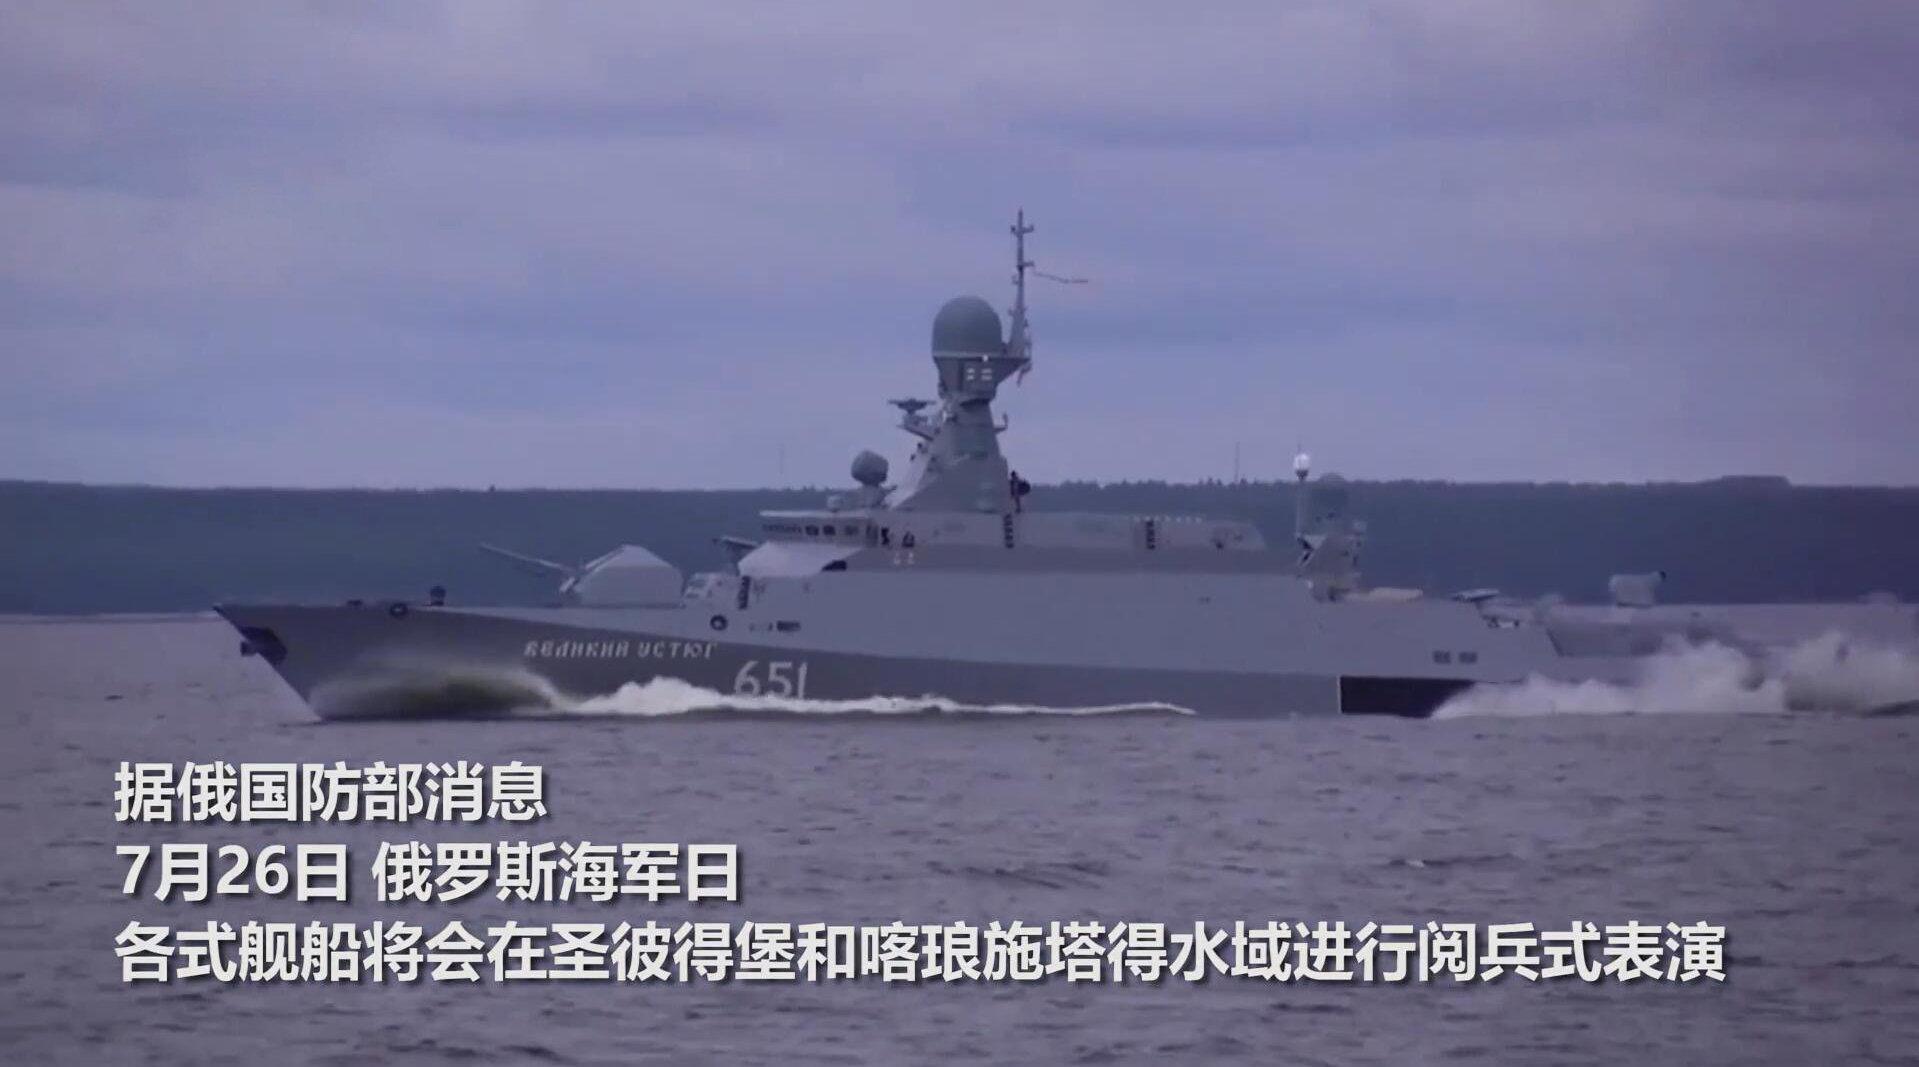 据俄罗斯国防部消息,在7月26日的海军日,俄将举行海上阅兵!